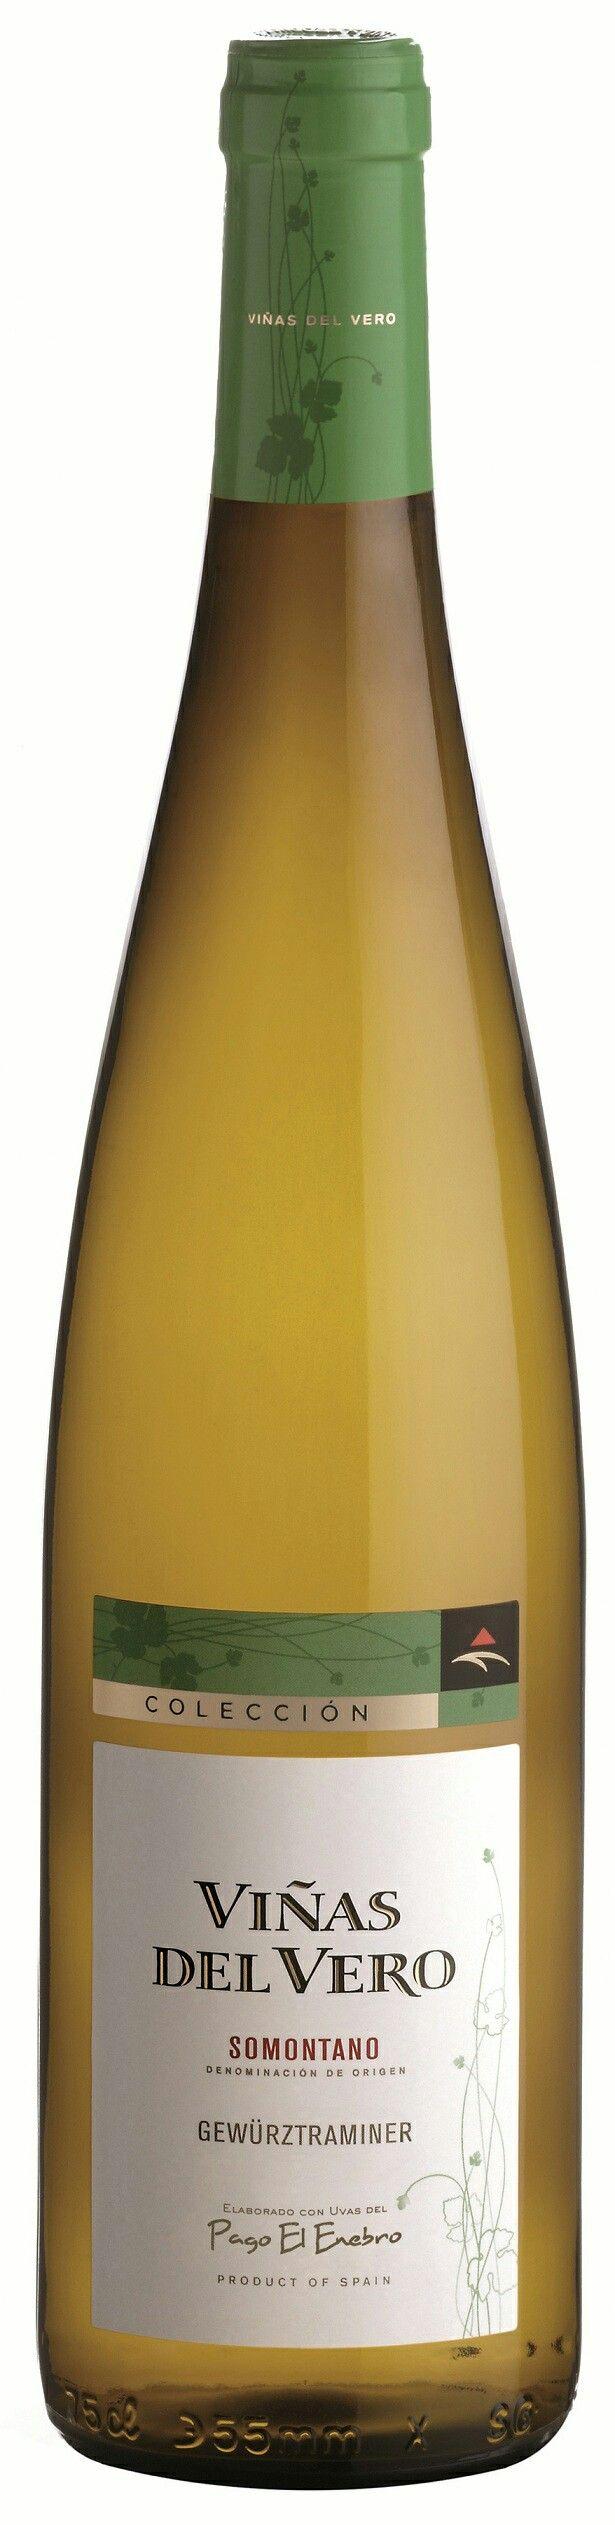 """Viñas del Vero Gewürztraminer 2015 ha obtenido el Baco de Oro enla gran cita española con los vinos jóvenes: los """"Premios Baco cosecha 2015"""". #winelovers. #wine, #vino"""